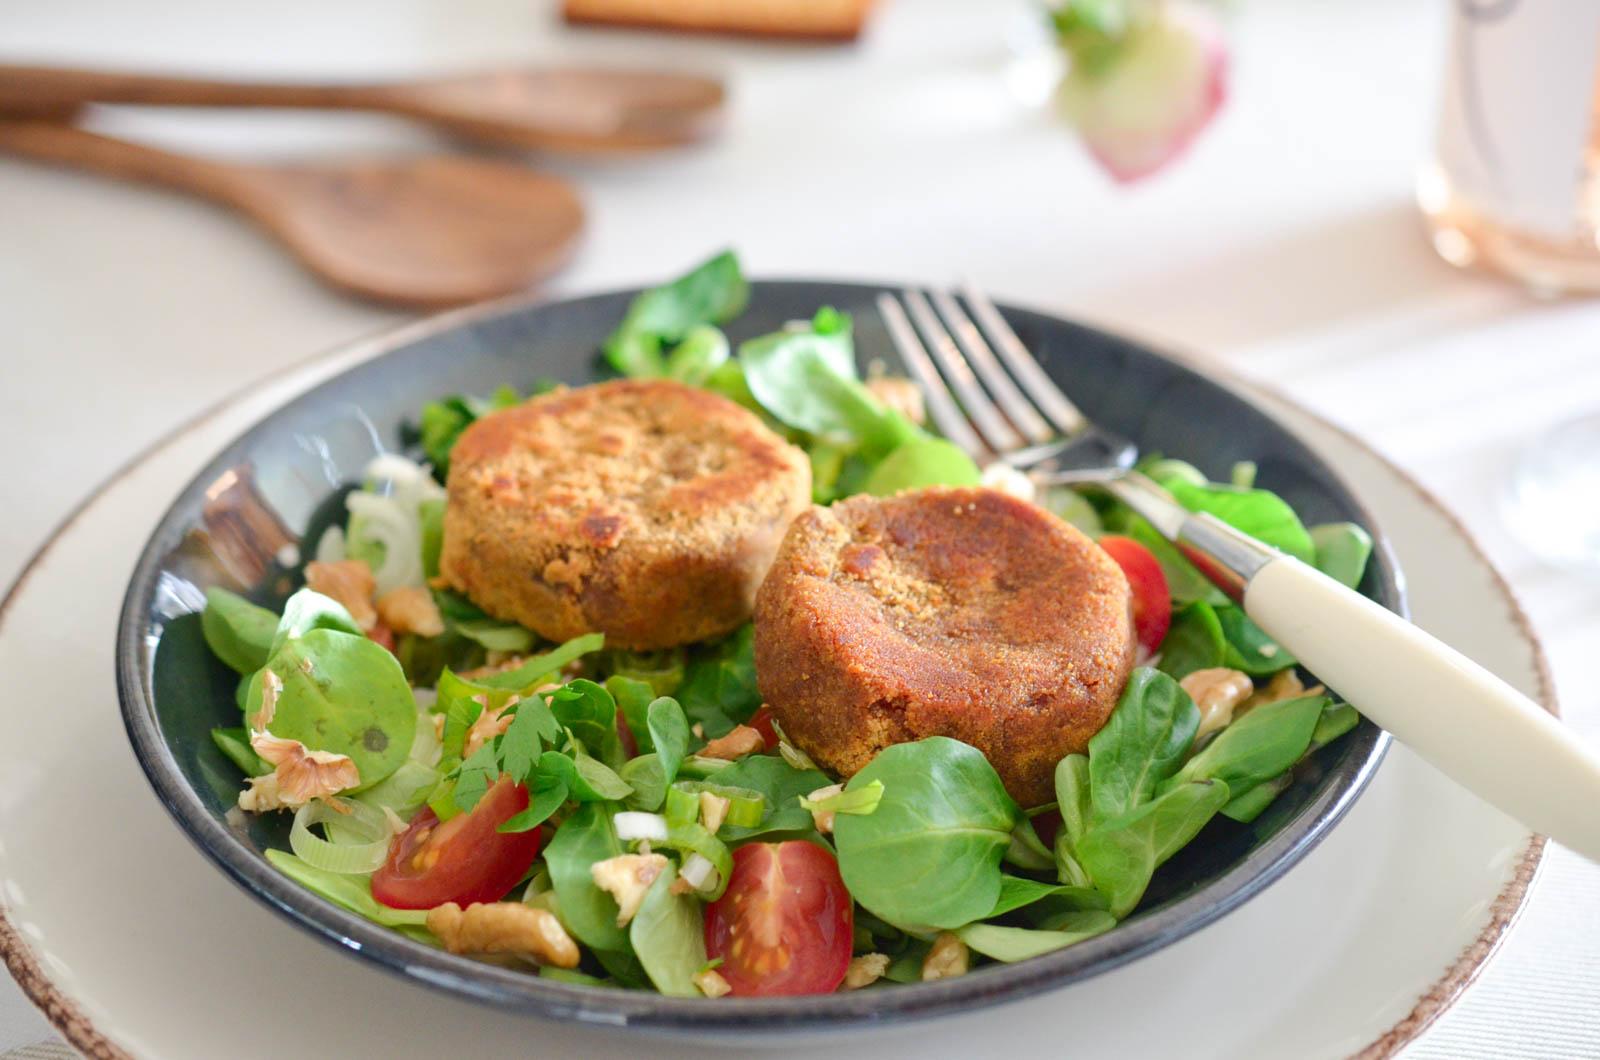 Salade Chèvre Chaud Pain épices Gingembre (8 Sur 8)